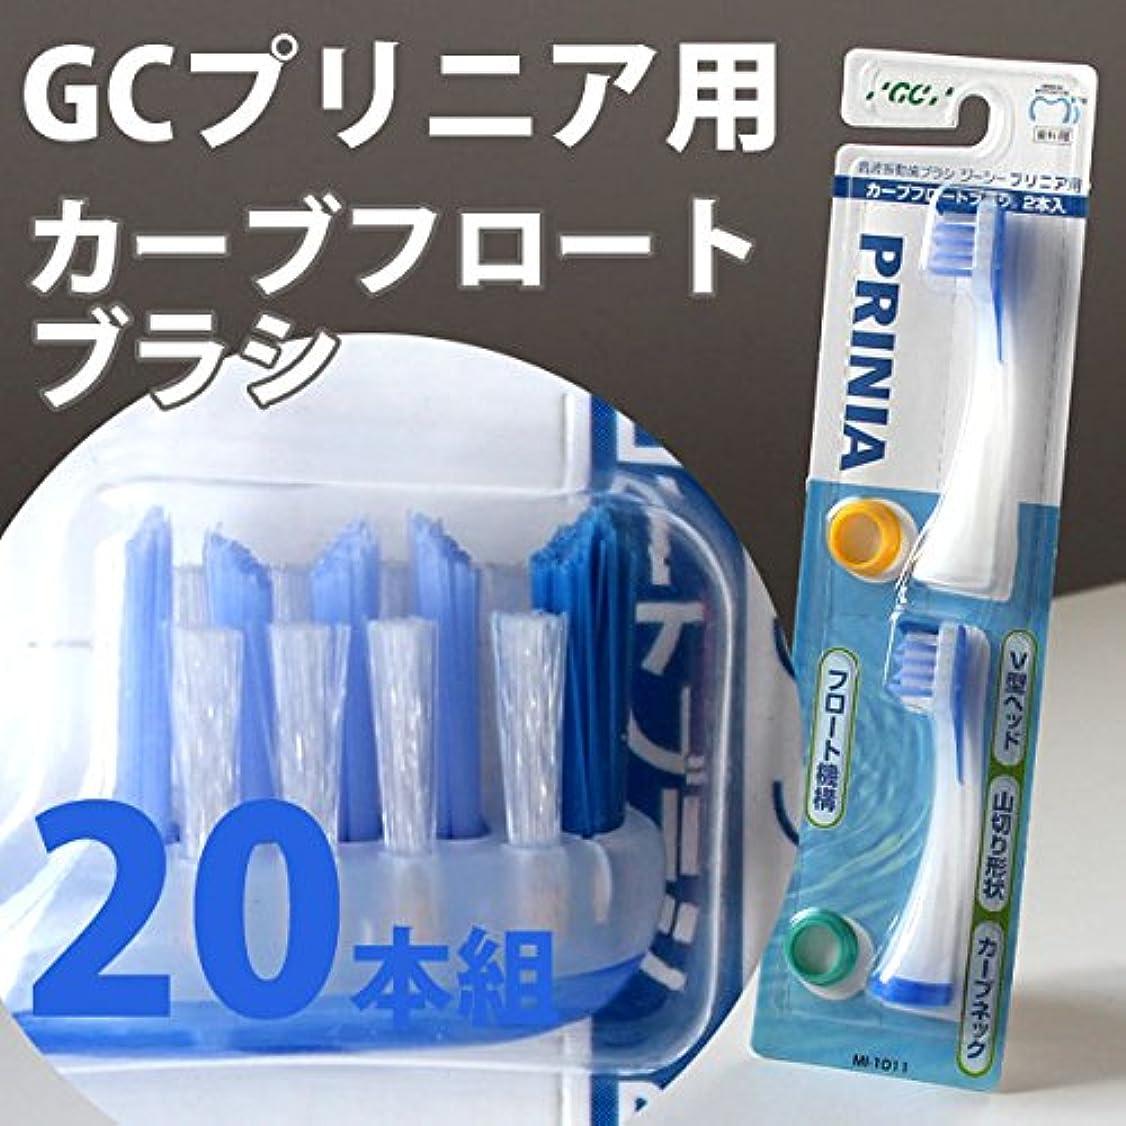 不正確闇有益プリニア GC 音波振動 歯ブラシ プリニアスリム替えブラシ カーブフロートブラシ 10セット 便不 ピンク